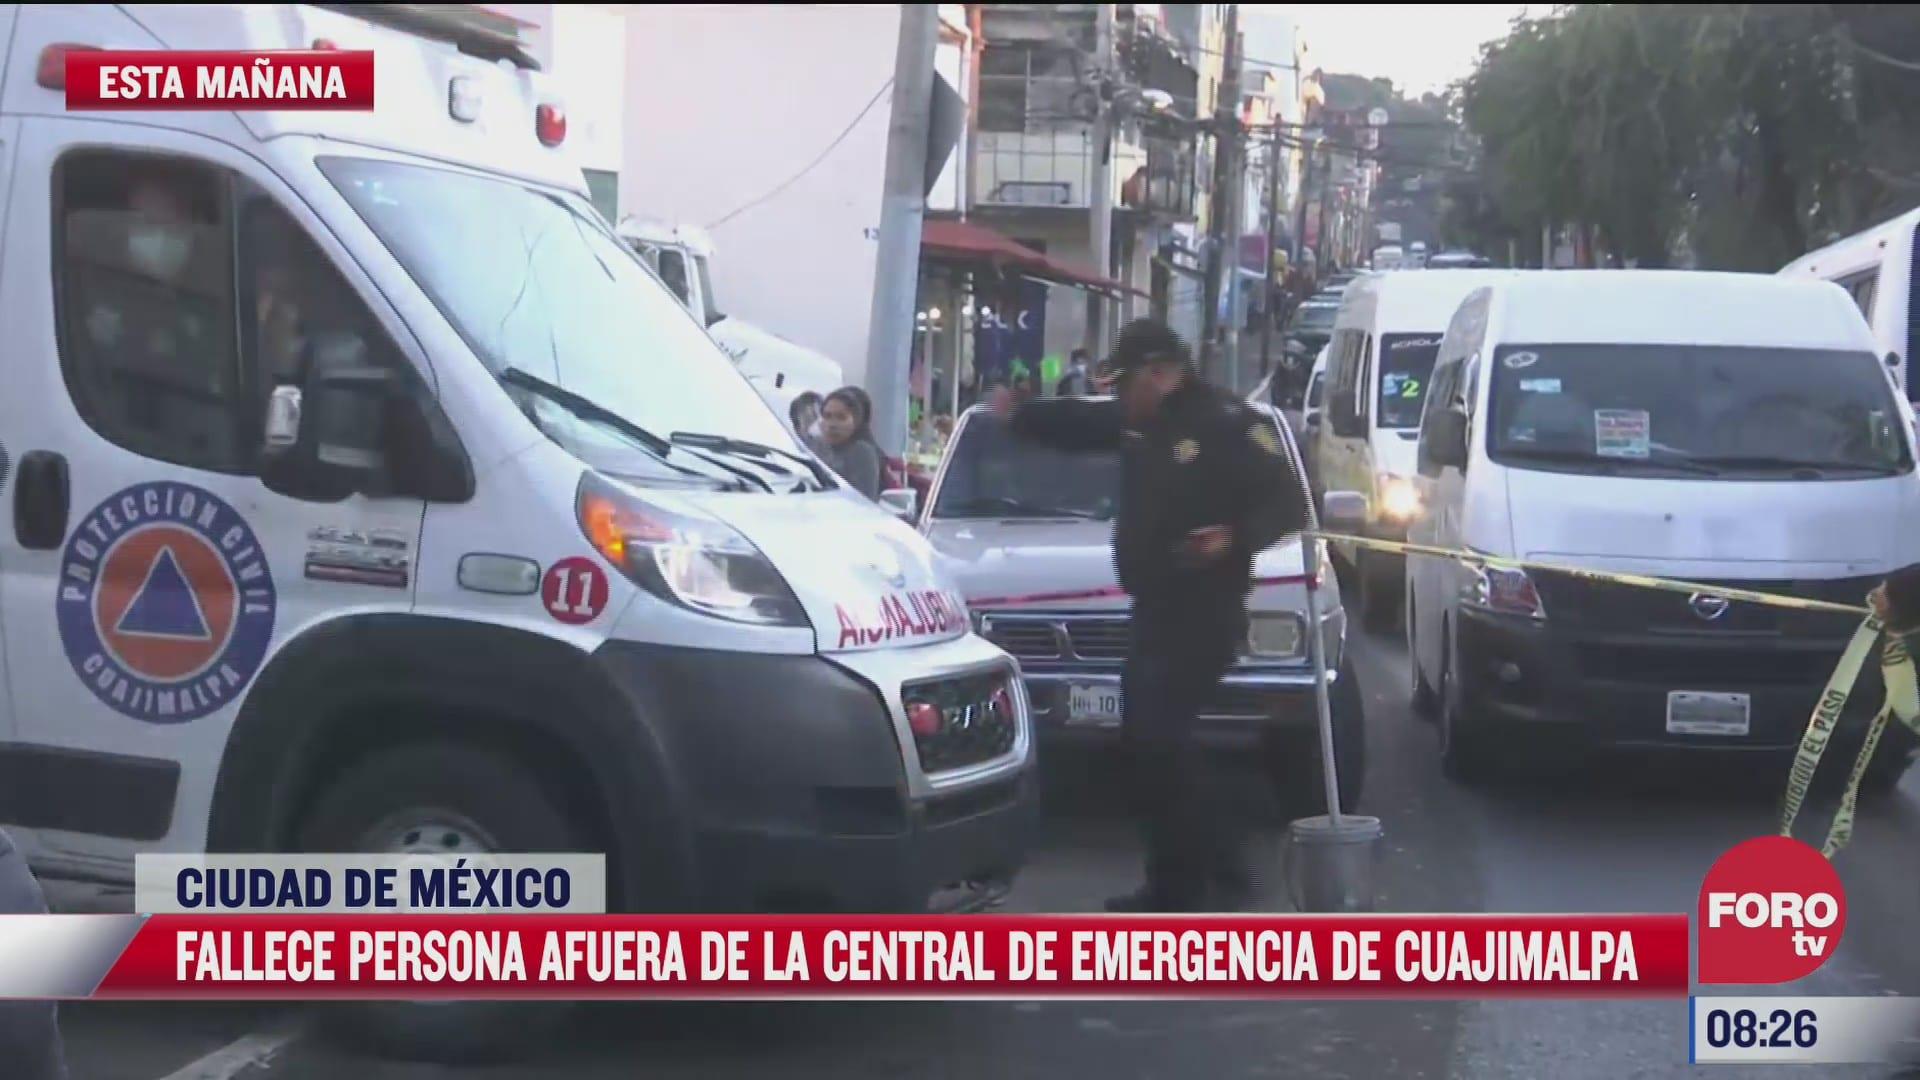 muere un hombre afuera de la central de emergencia en cuajimalpa llego herido